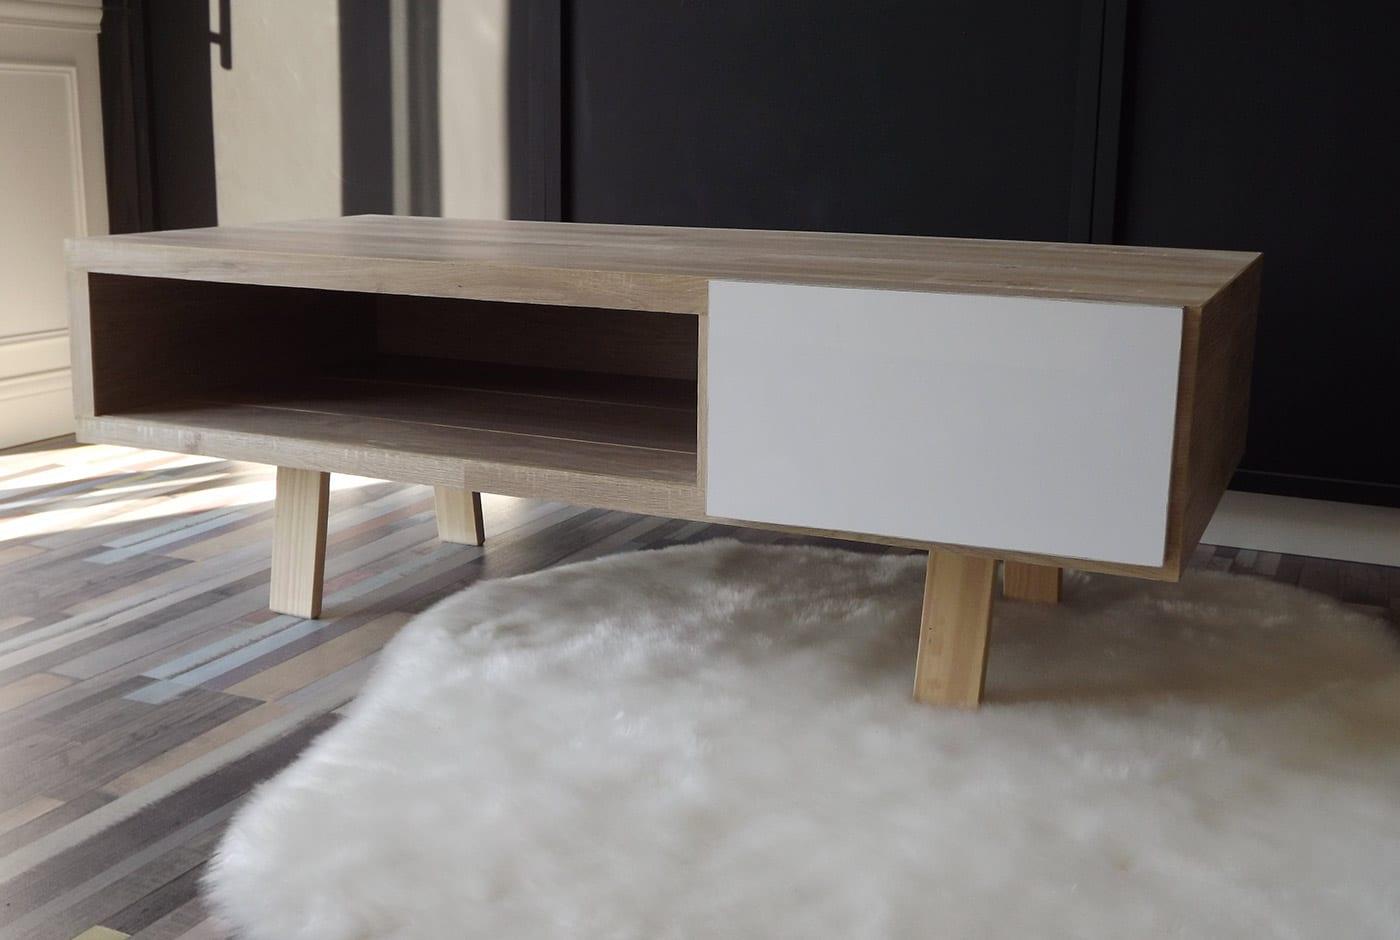 table basse aux mati re et couleur naturelles le bois et. Black Bedroom Furniture Sets. Home Design Ideas